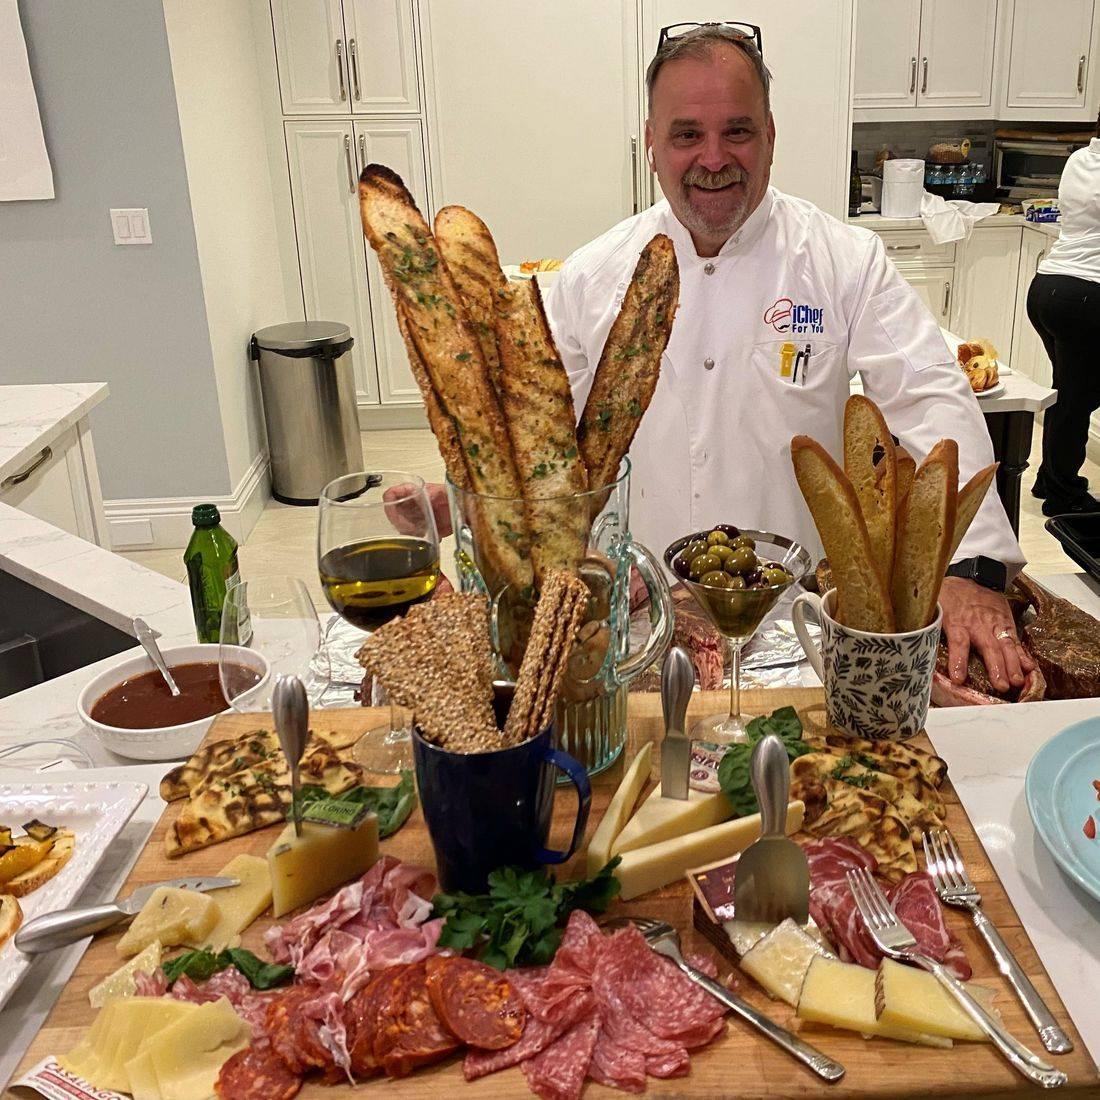 Personal Chef near me, Chef, celebrationa